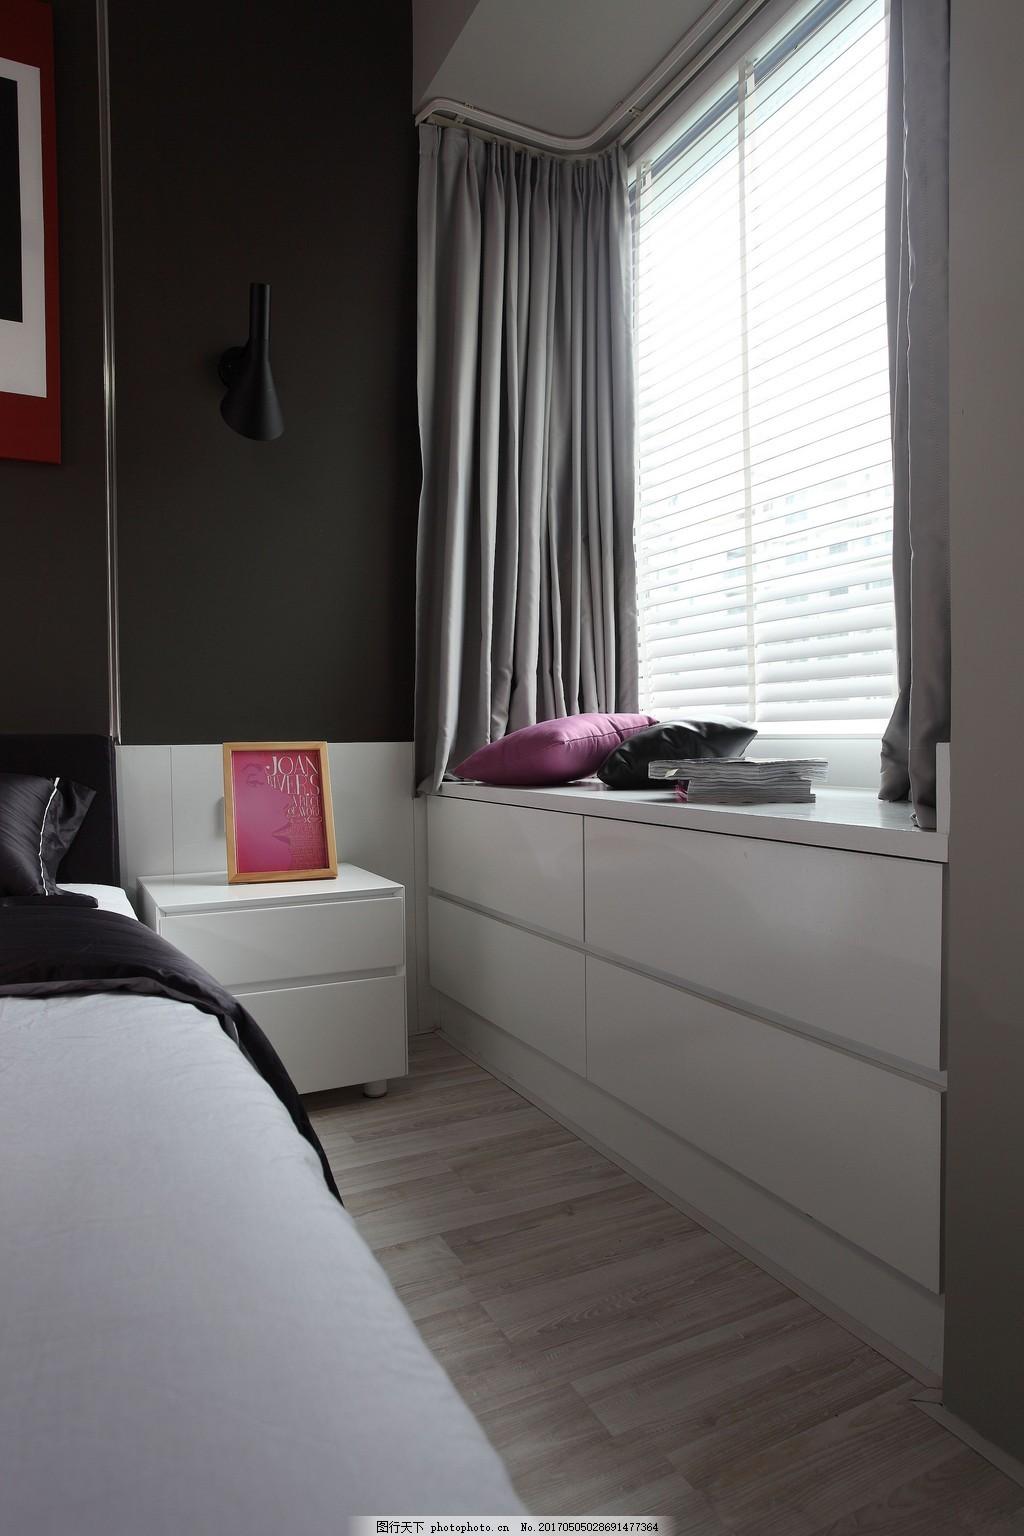 现代简约卧室柜子窗户设计图